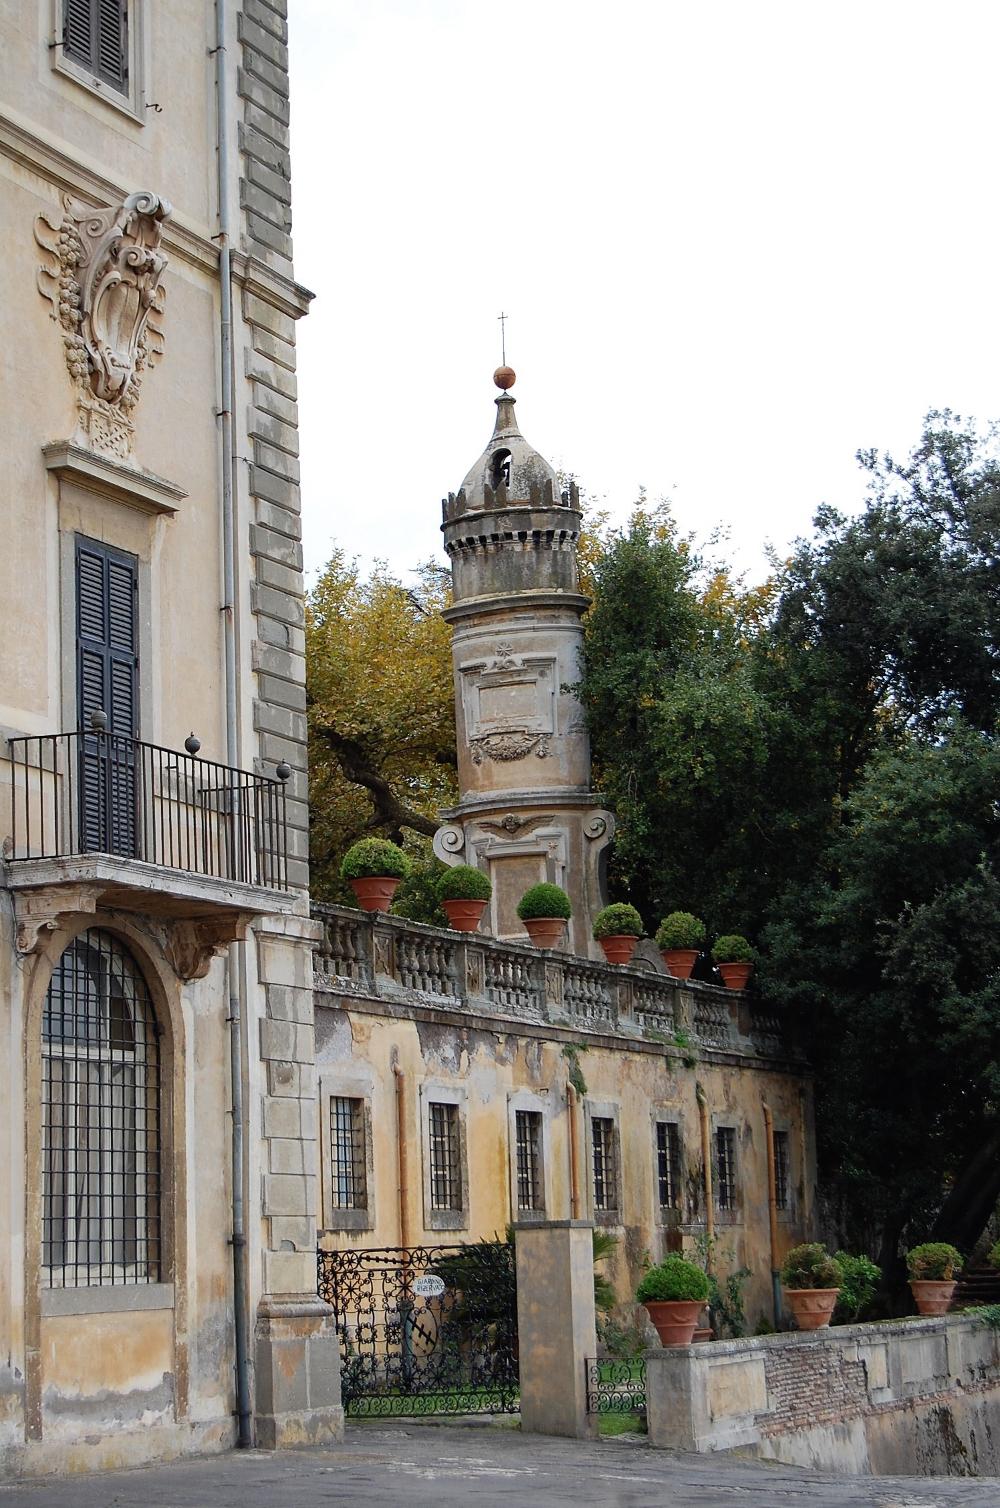 rocaille-blog-villa-aldobrandini-frascati-giardino (2)